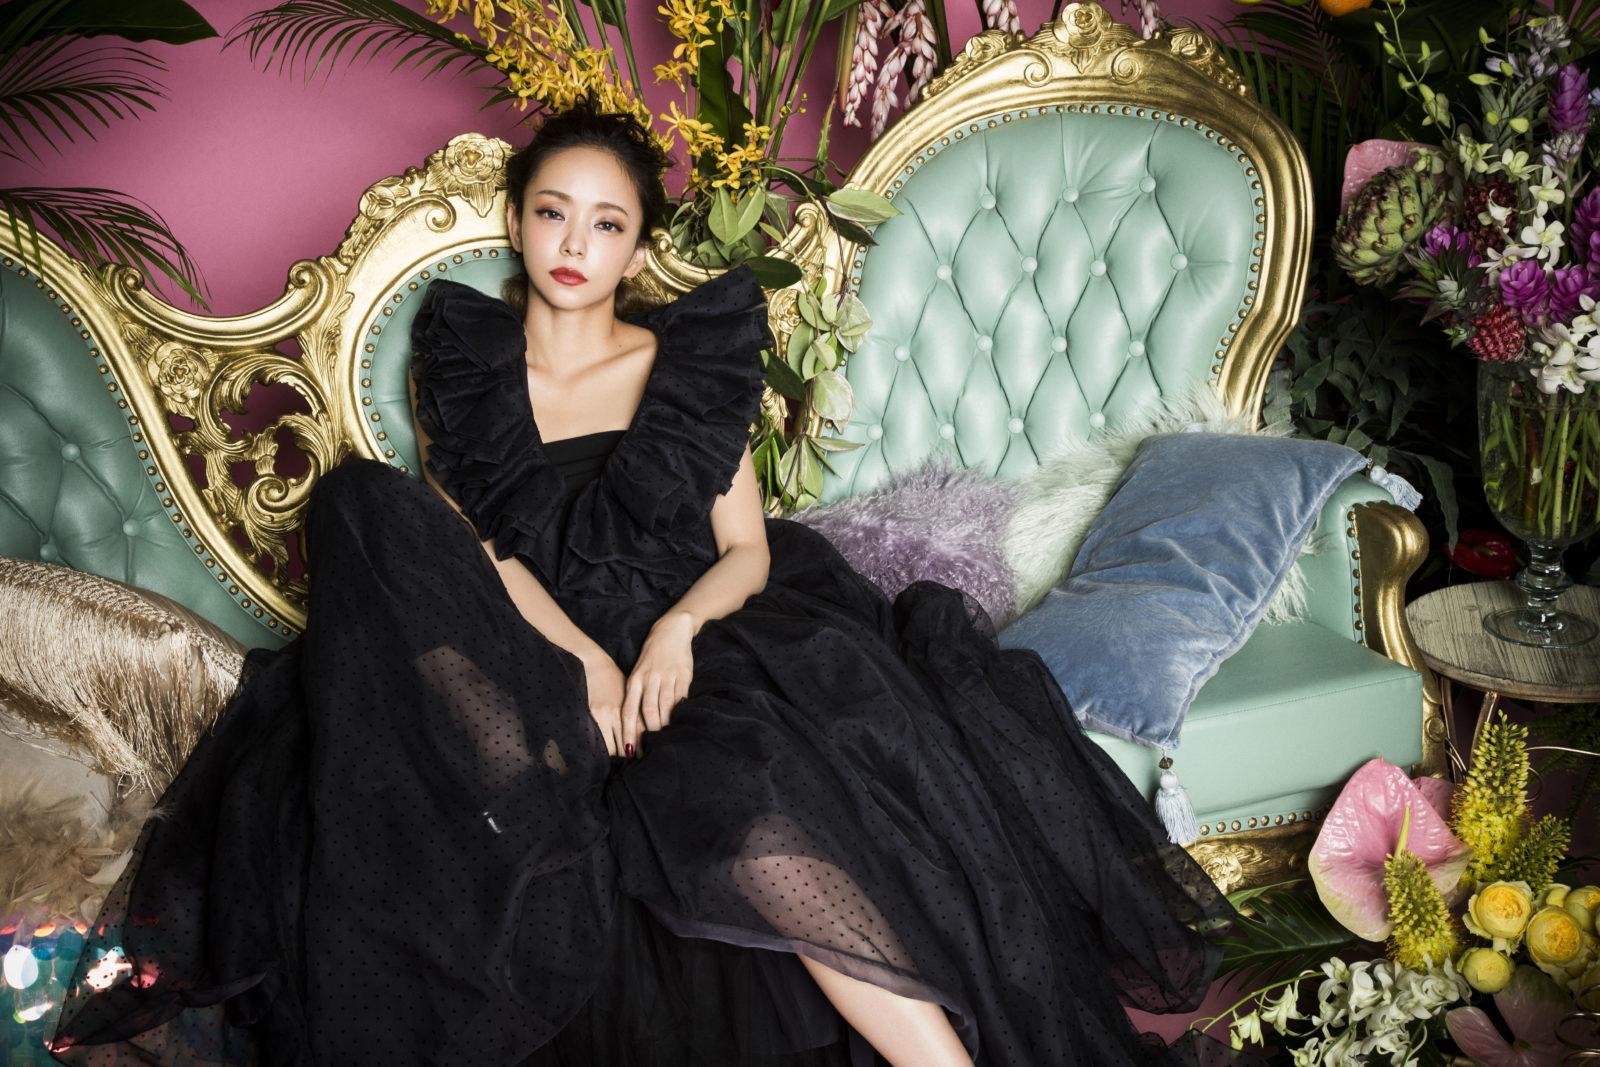 安室奈美恵、新曲「Showtime」が、クドカン脚本・小泉今日子主演TBSドラマ「監獄のお姫さま」主題歌に決定サムネイル画像